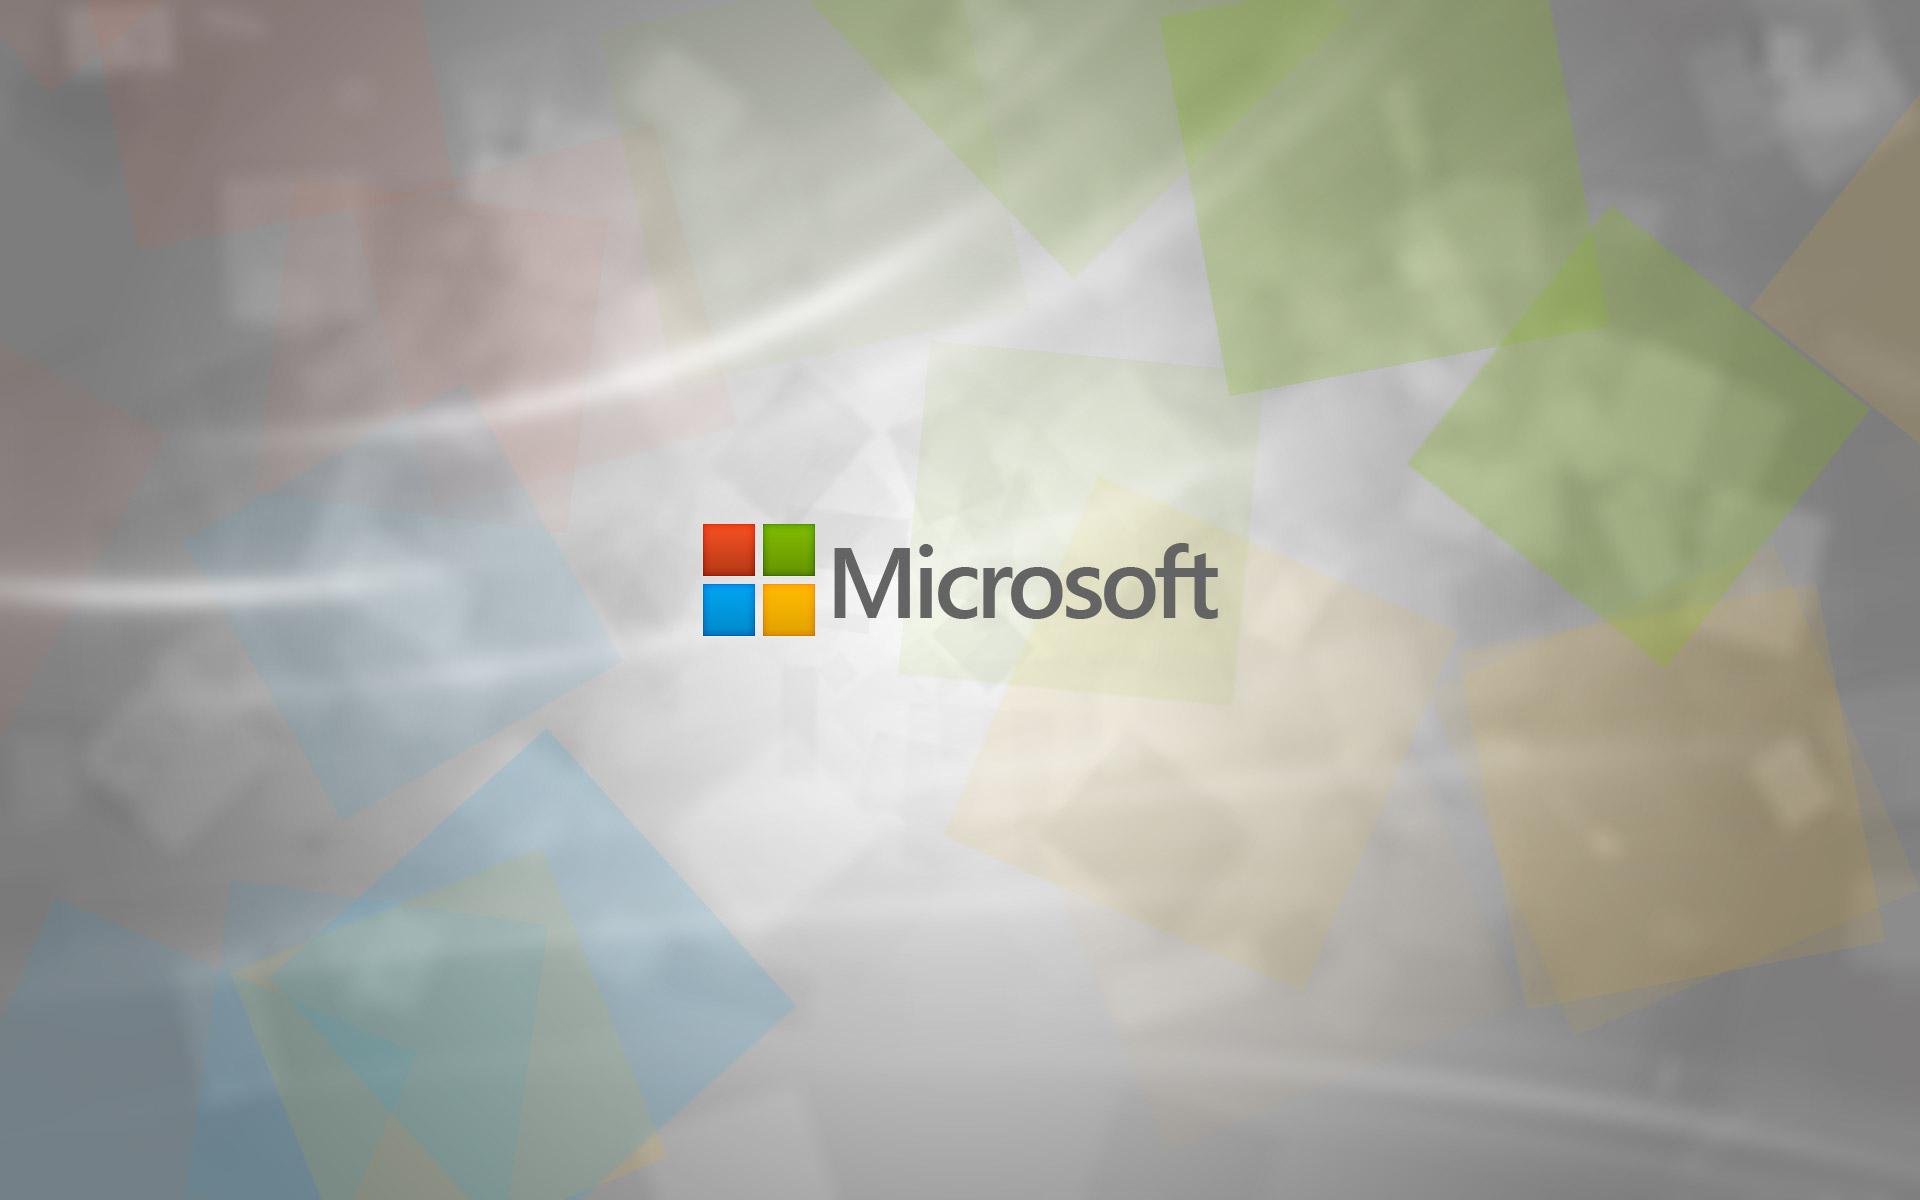 Desktop Backgrounds Microsoft - WallpaperSafari